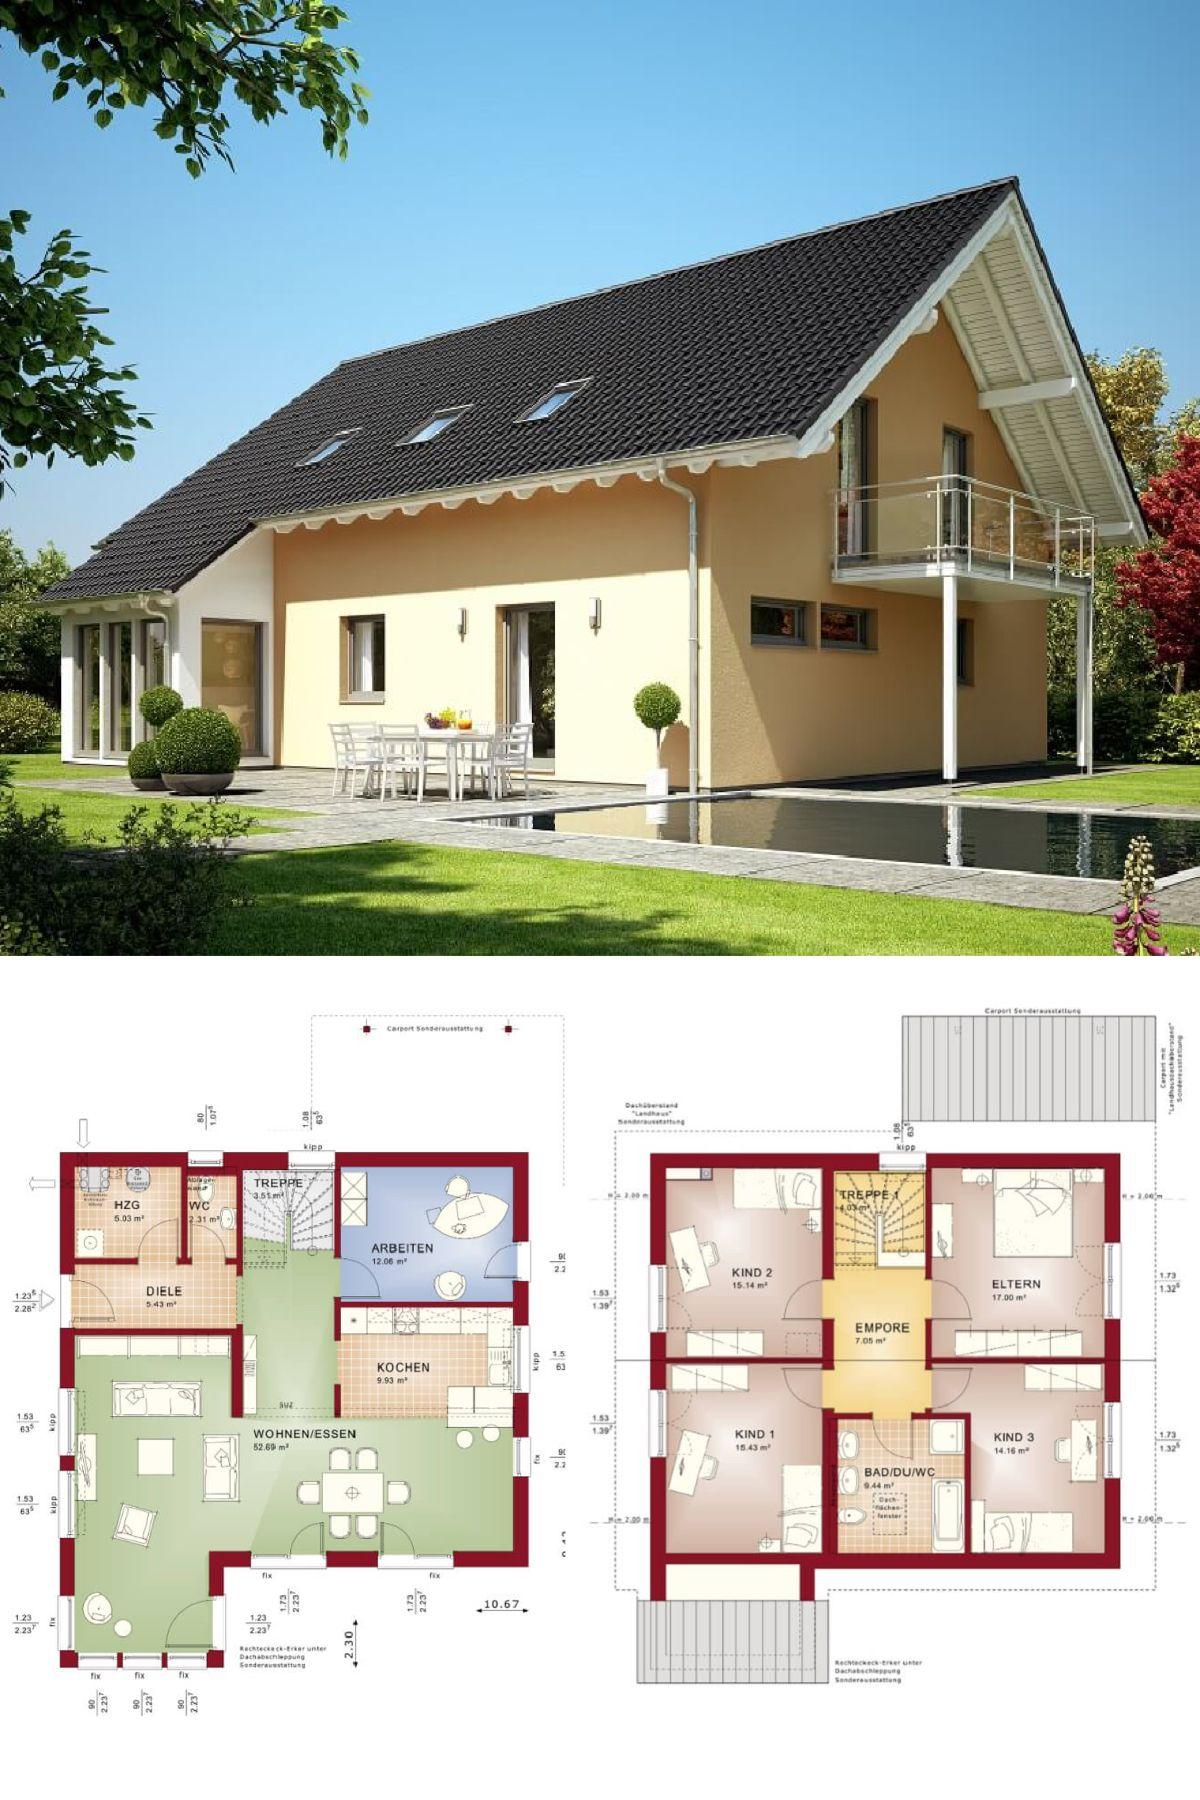 Einfamilienhaus Mit Satteldach   Haus Evolution 165 V6 Bien Zenker    Fertighaus Bauen Grundriss Modern Offene